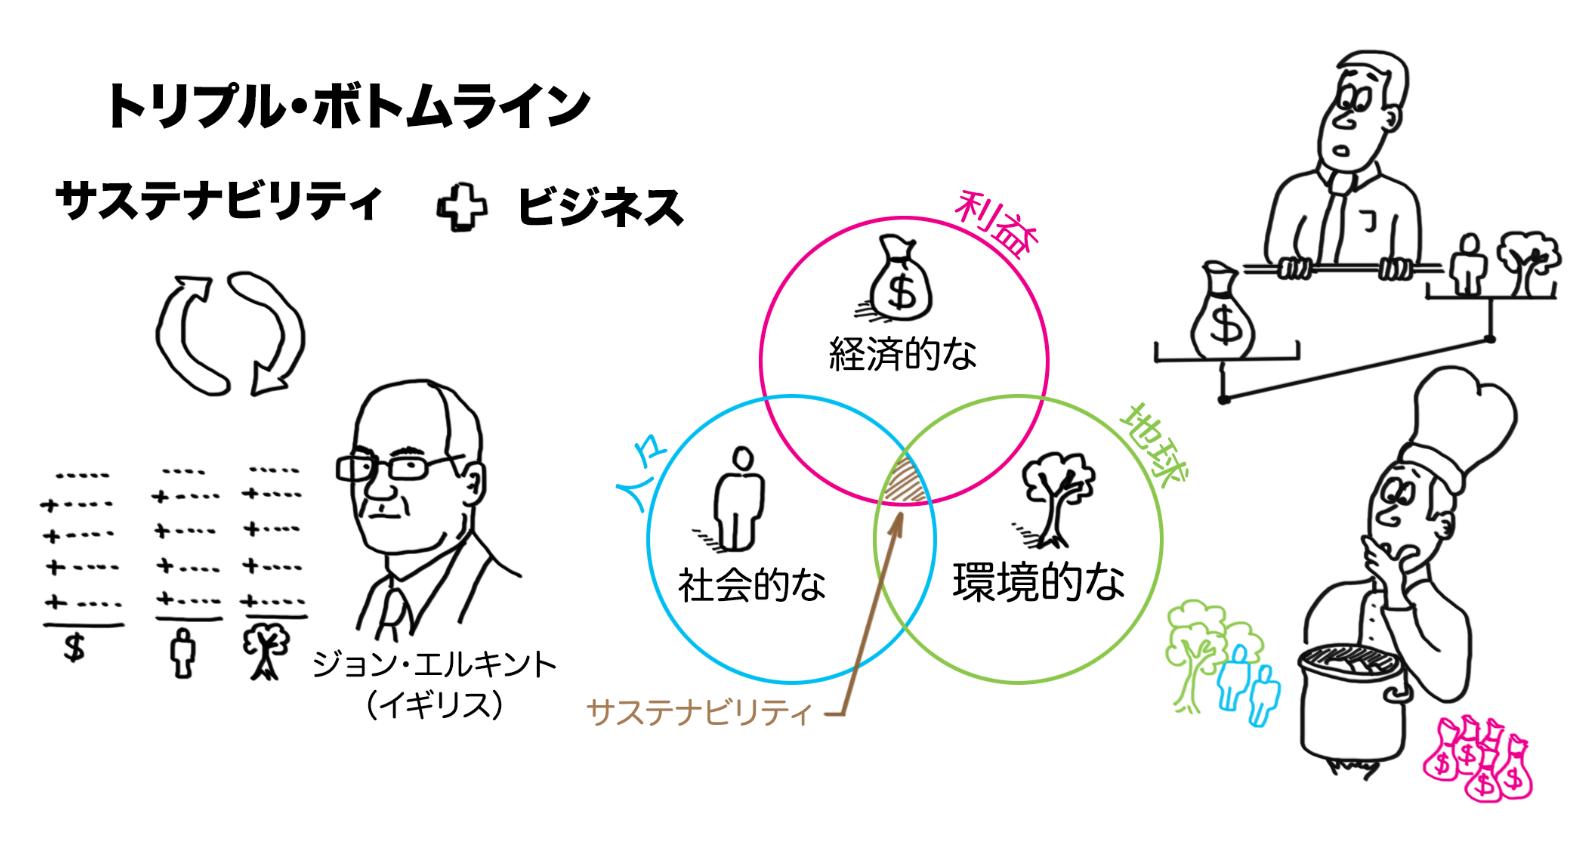 développement-durable-illustré-japonais